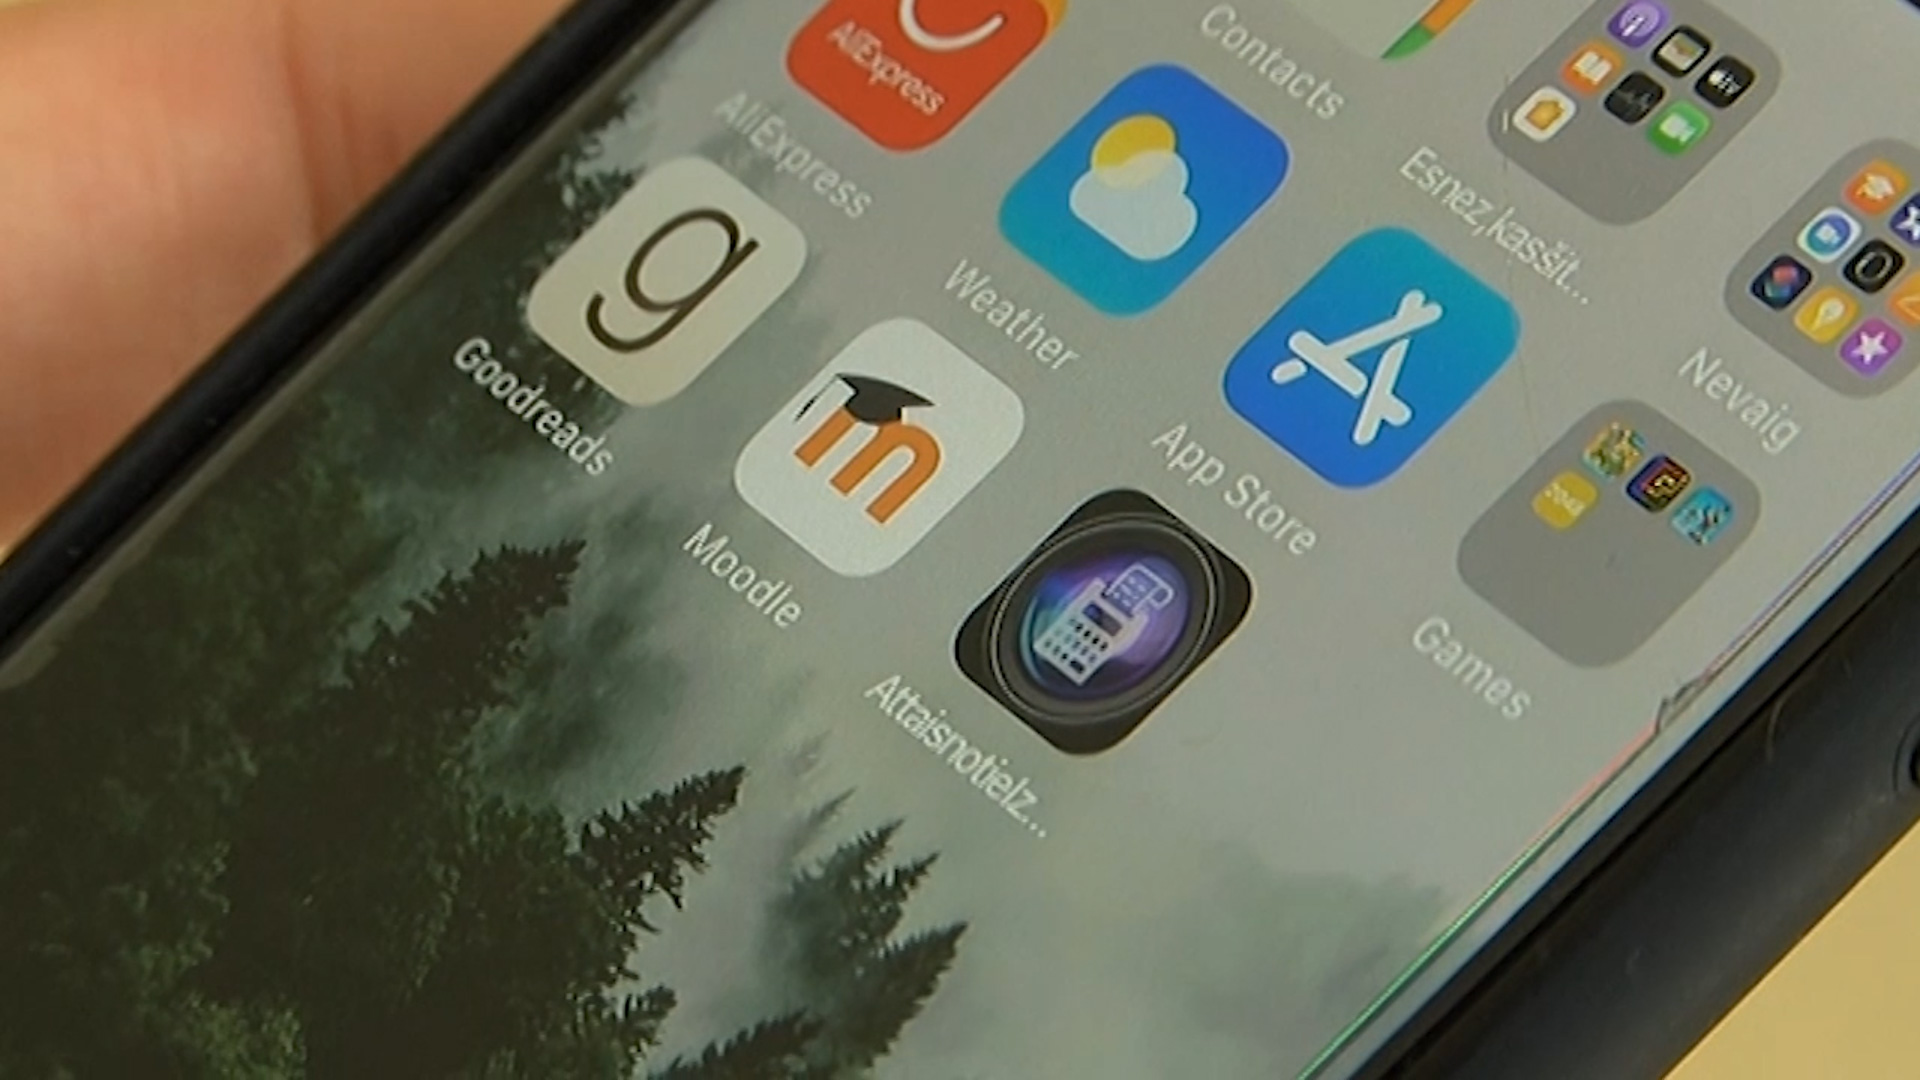 Par nodokļu maksātāju naudu valsts uztur desmitiem mobilo lietotņu